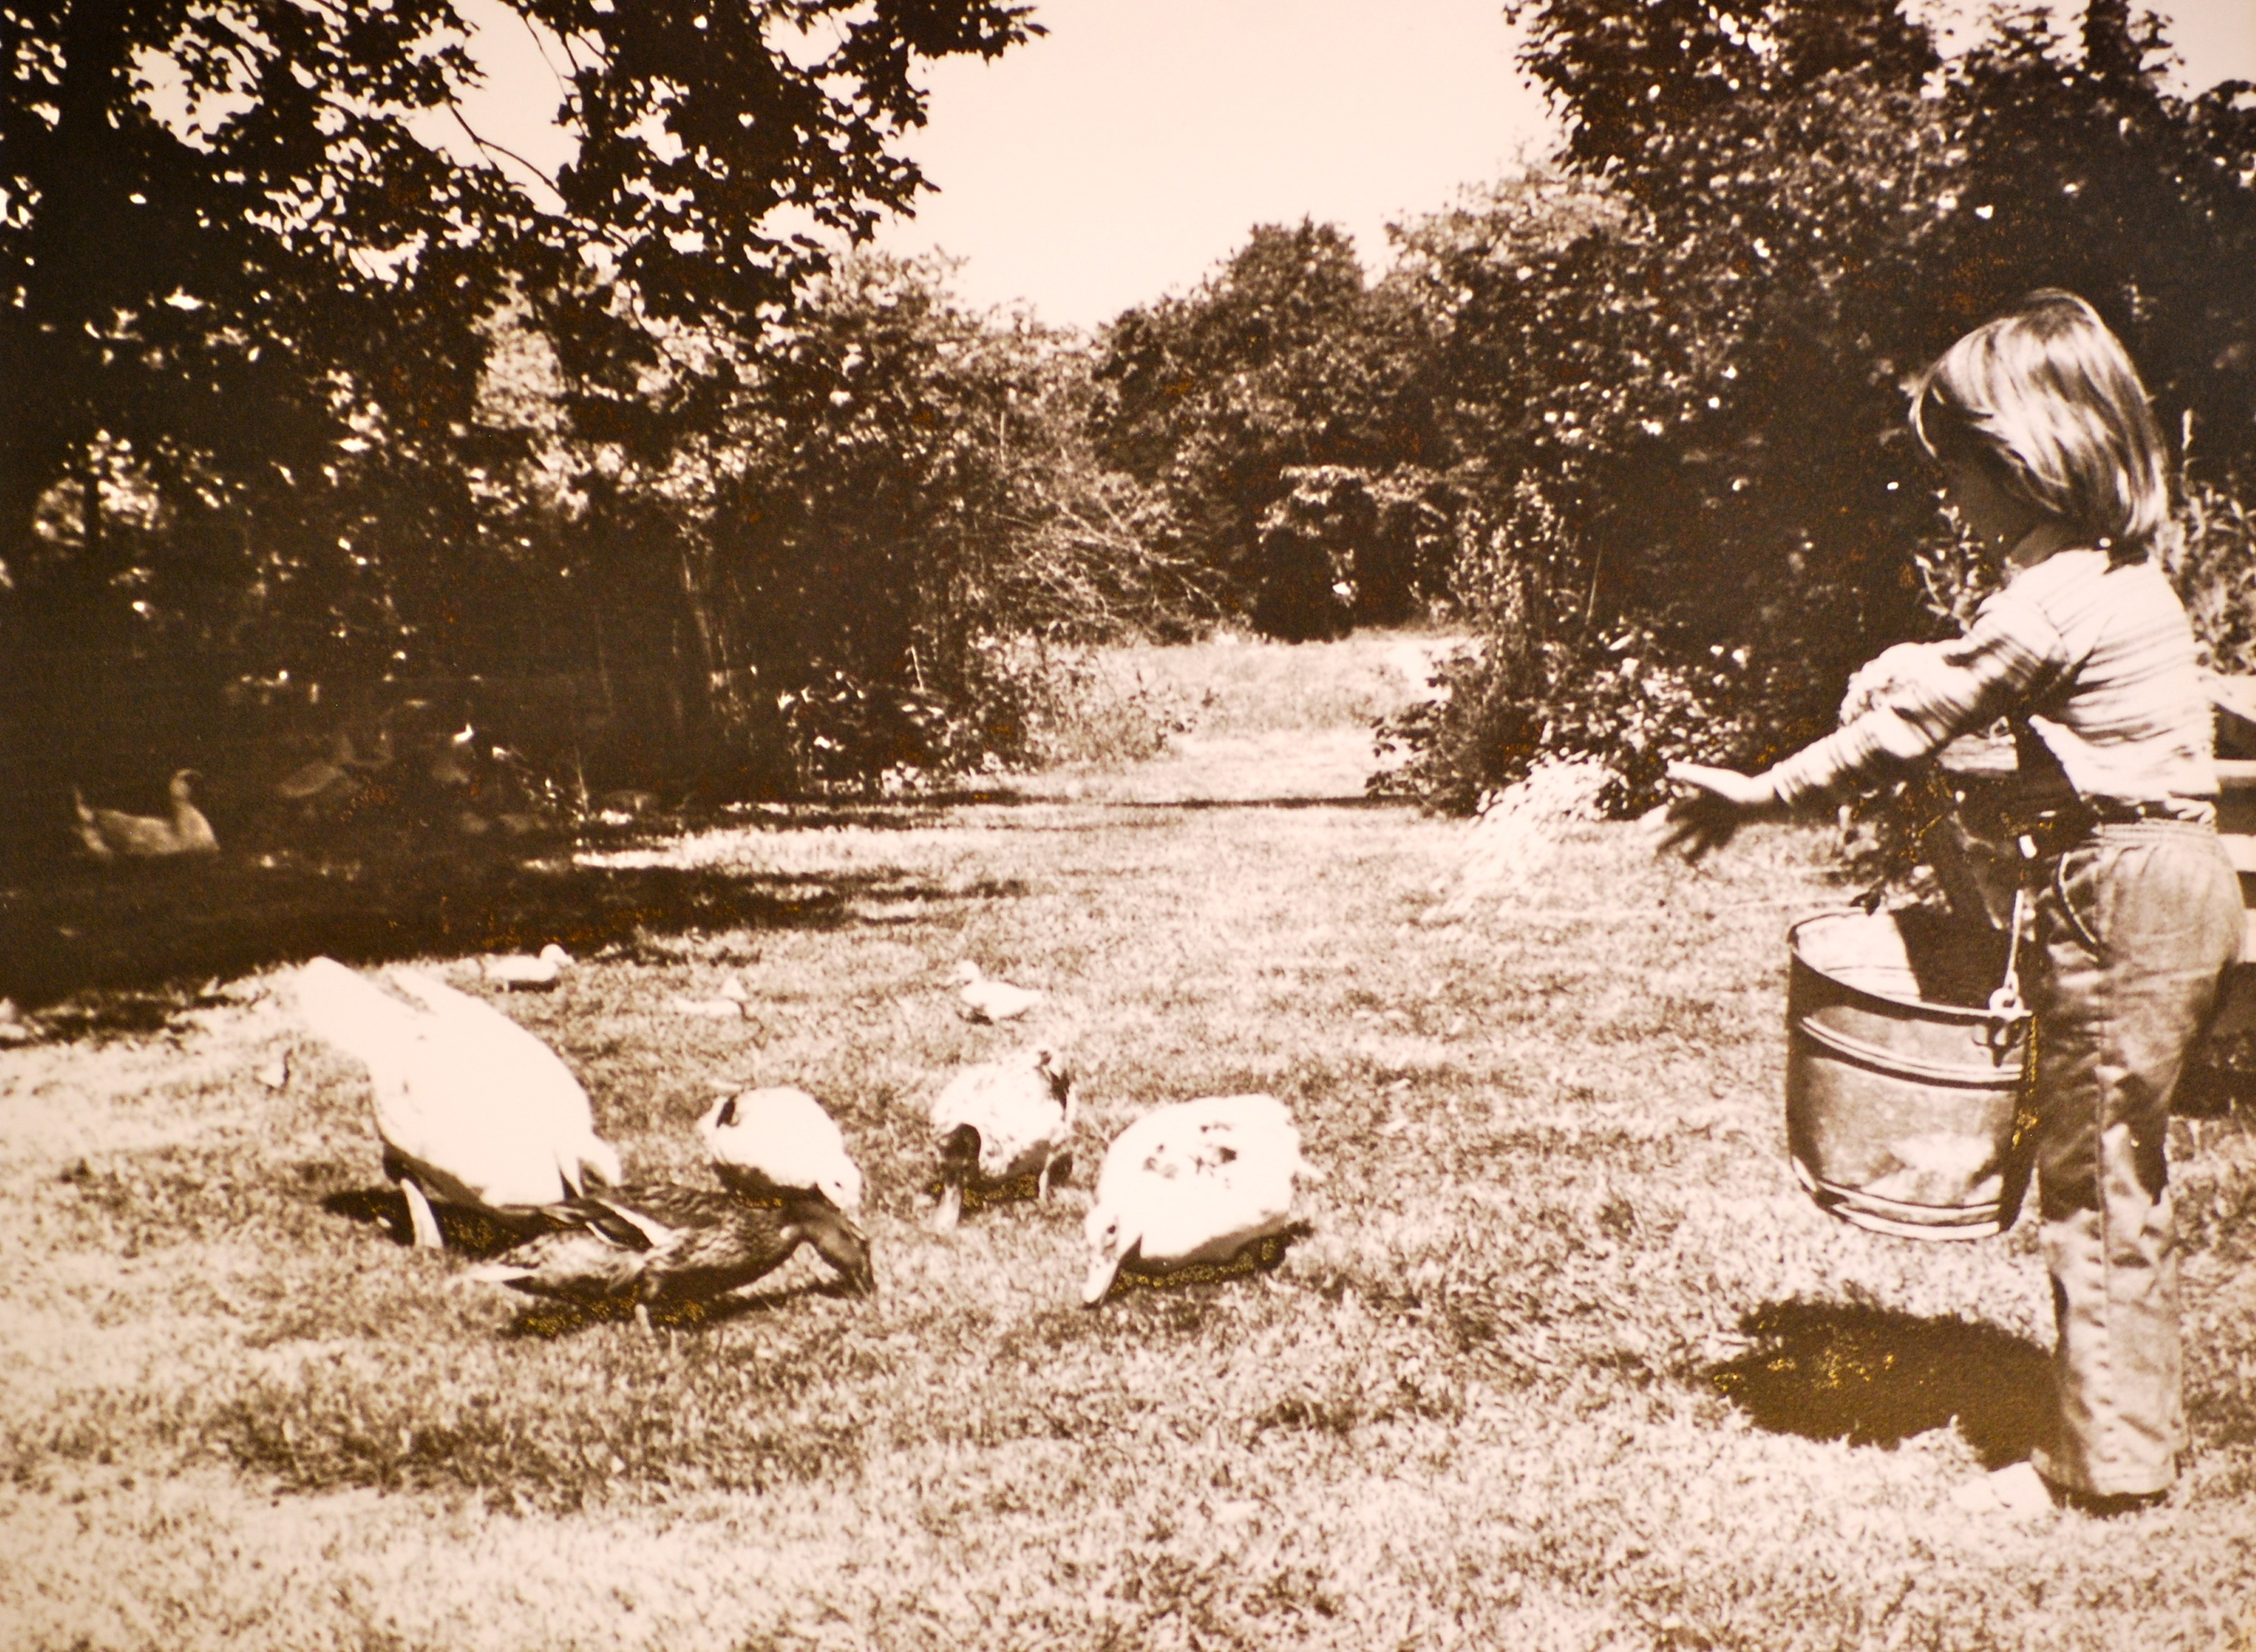 Shelly Feeding Ducks